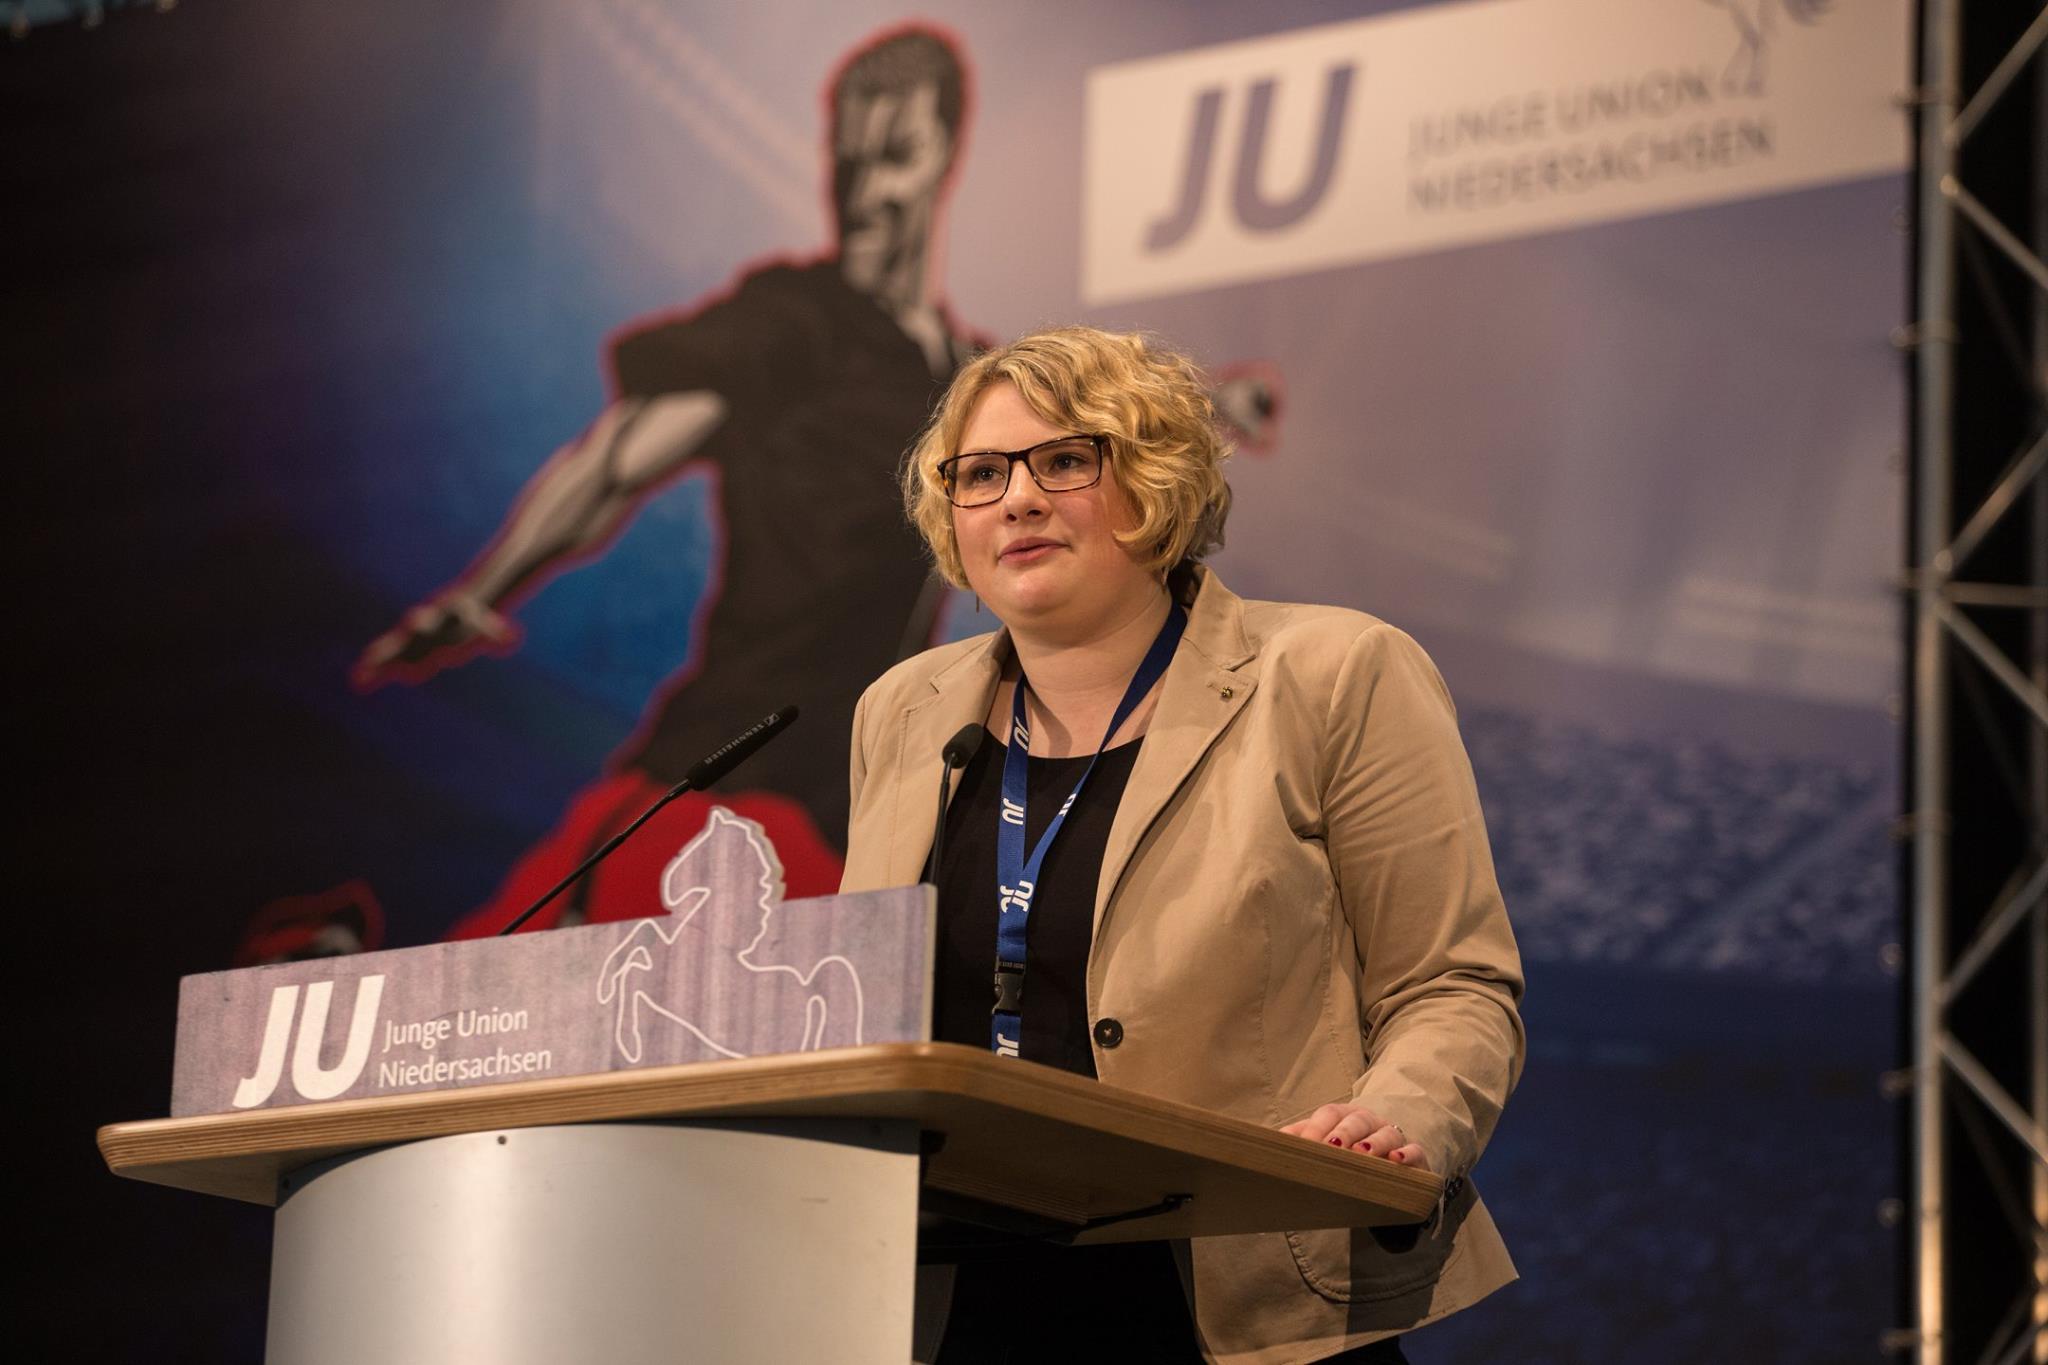 Franziska Lammert bei ihrer Vorstellung auf dem Niedersachsentag